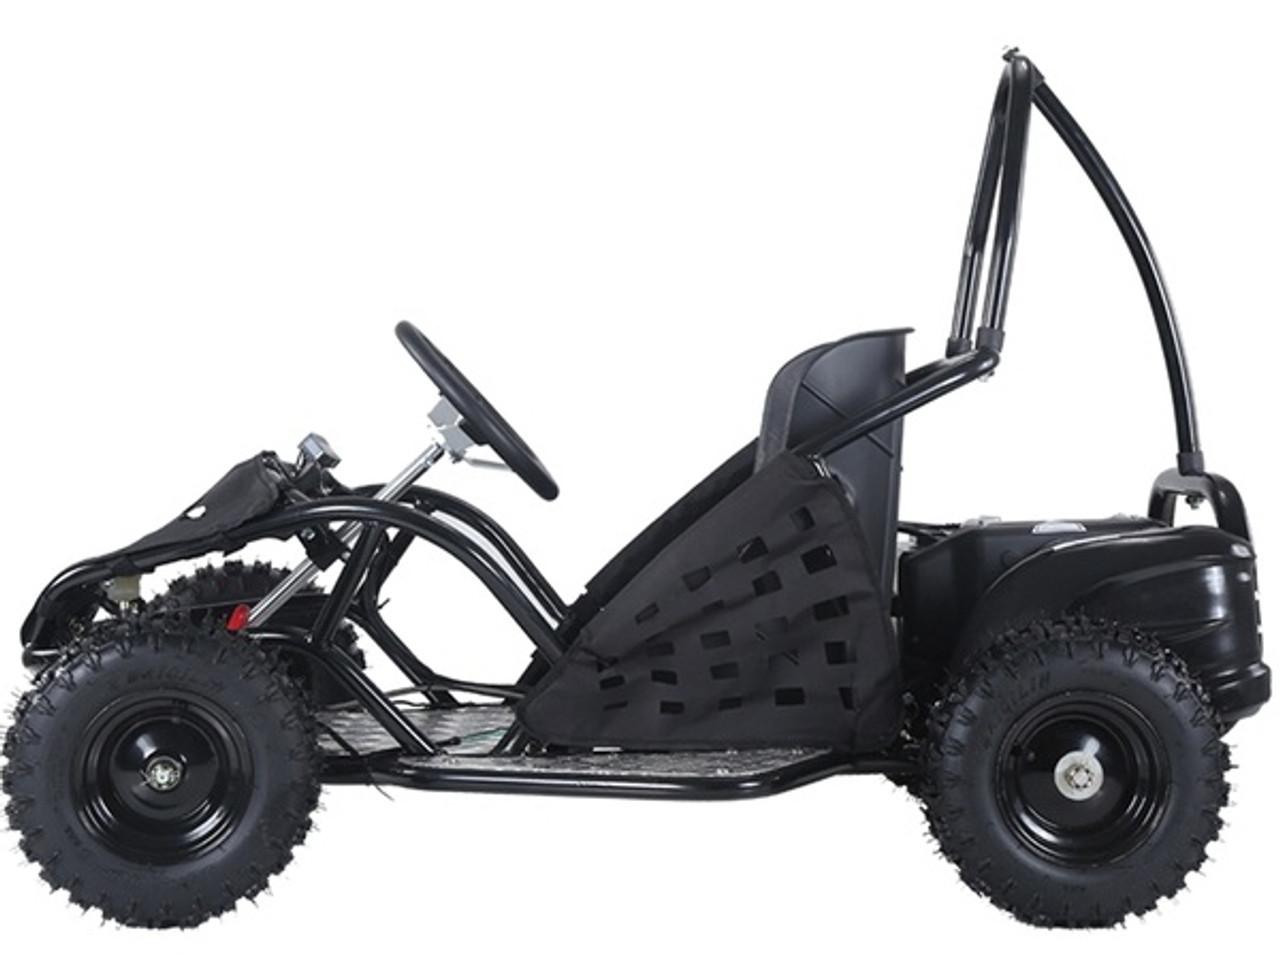 Taotao Ek80 800 Watt  / 48V Electric Go Kart